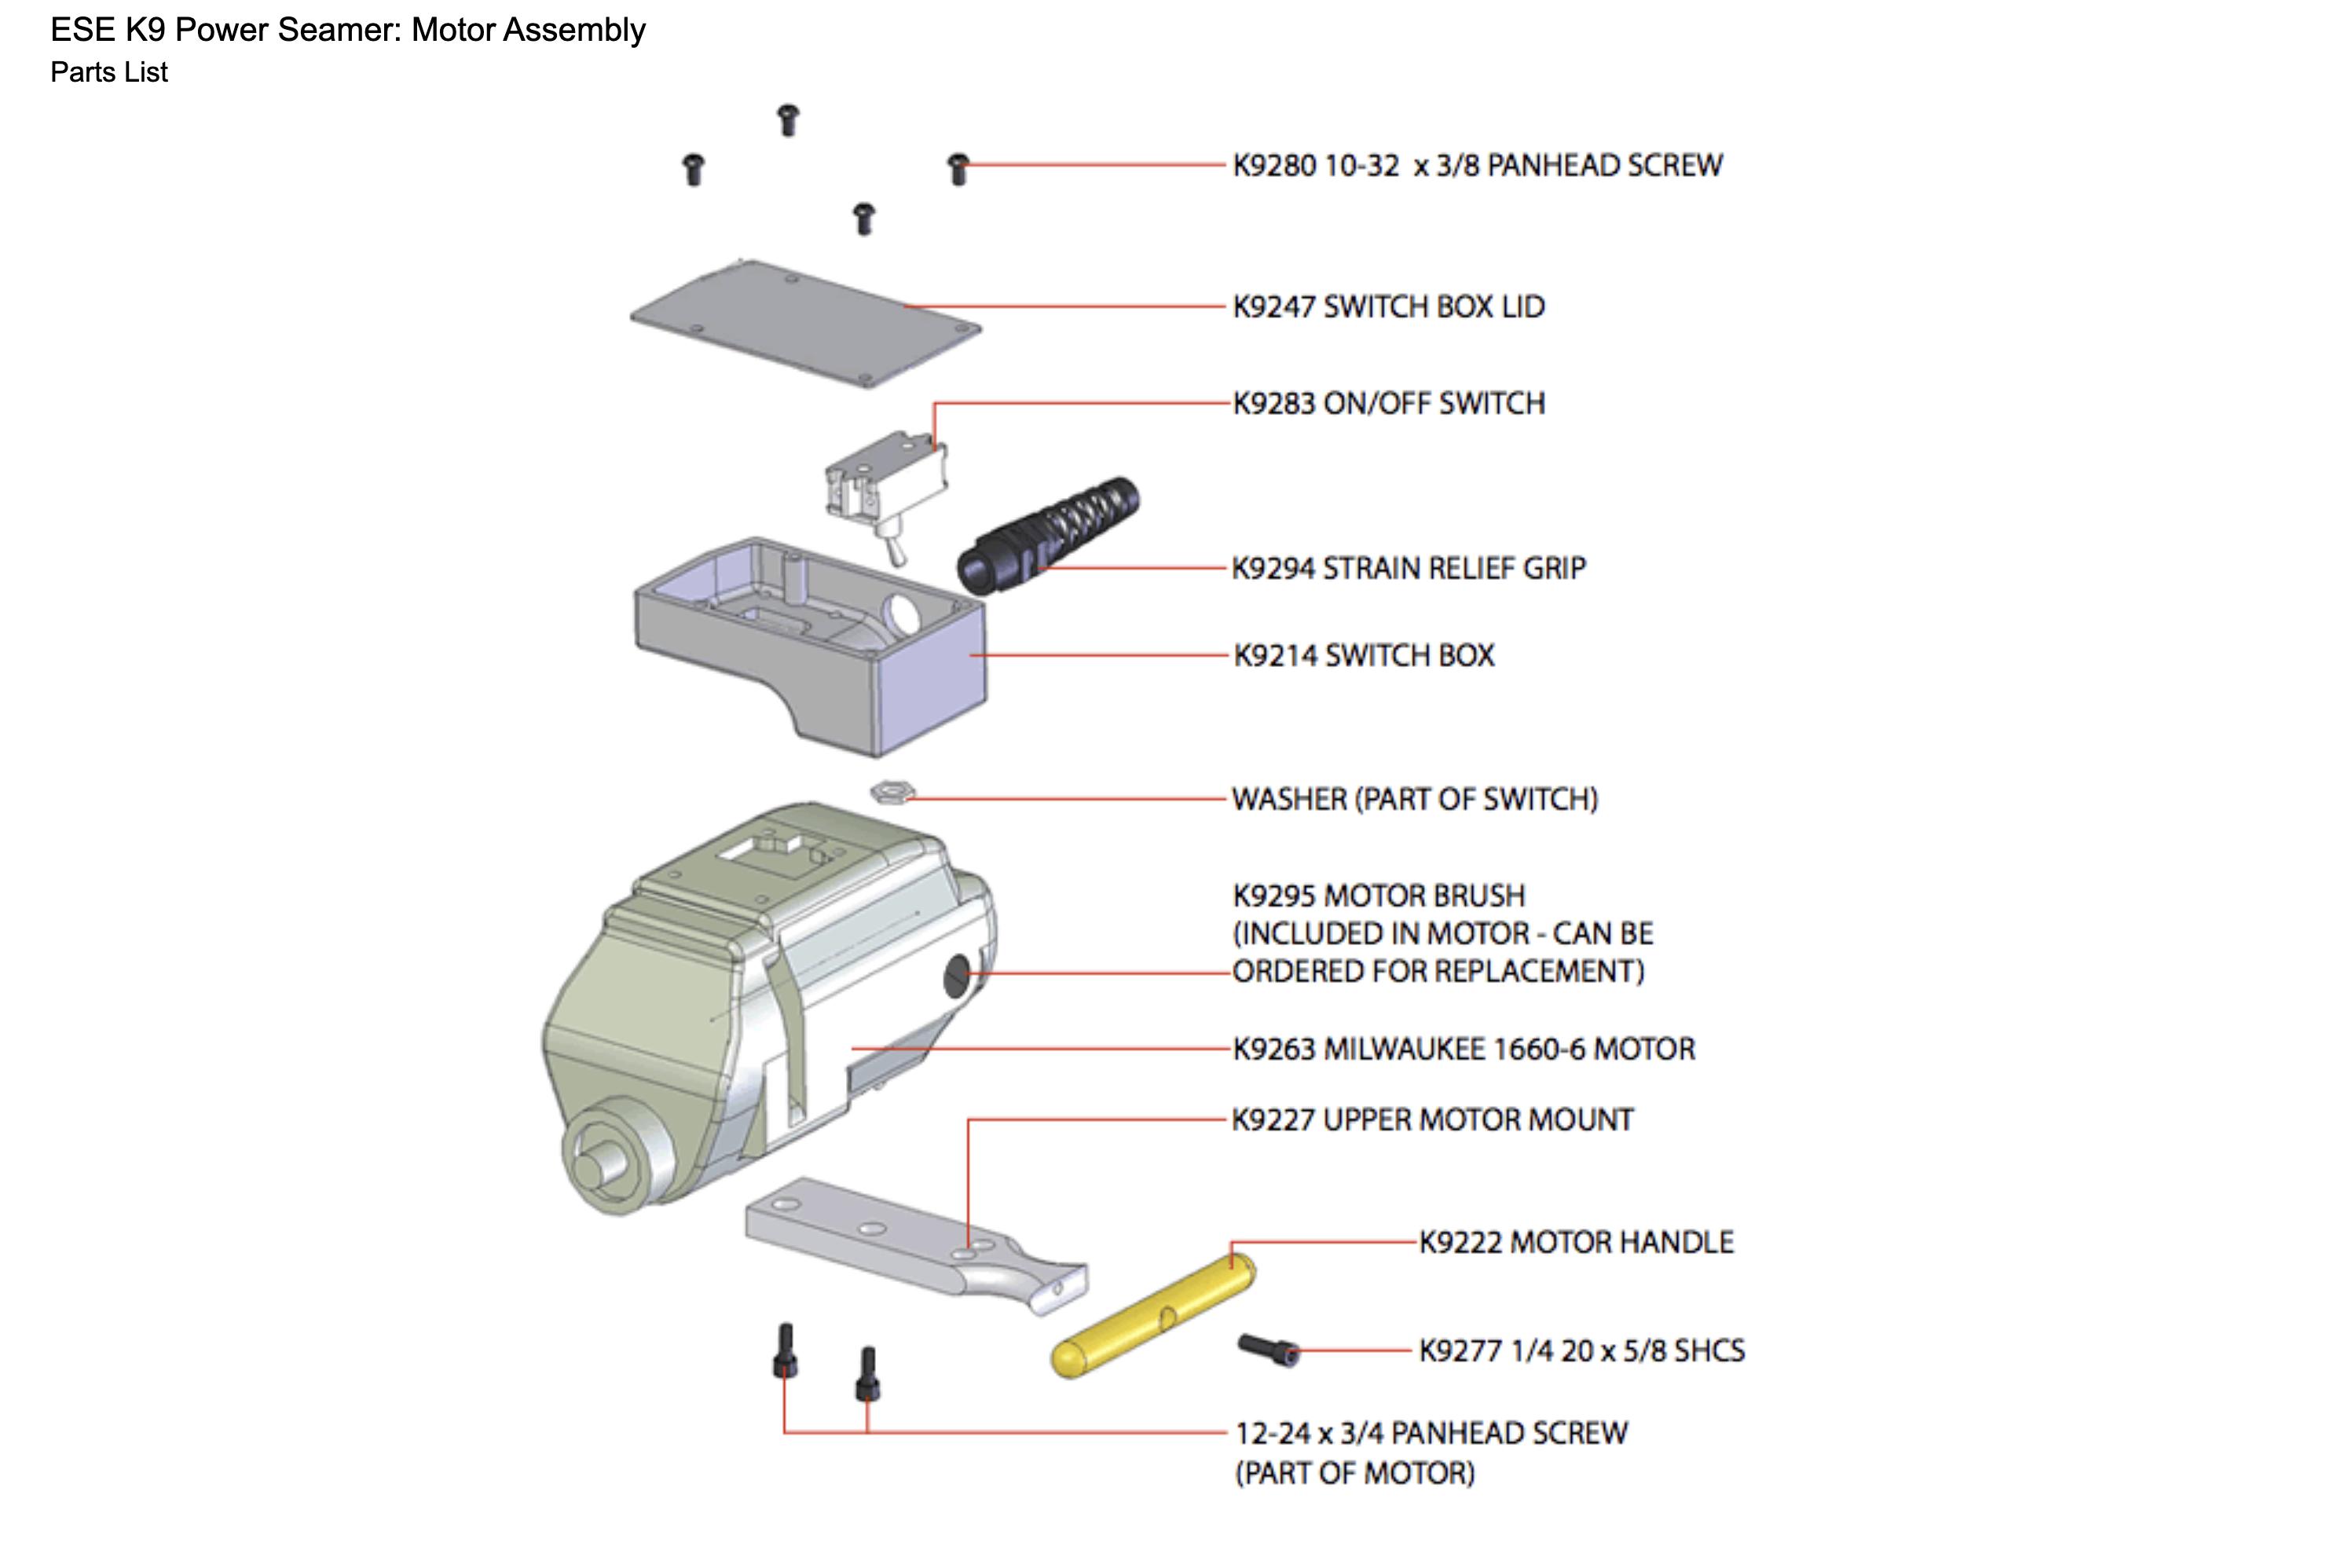 ESE K9 Power Seamer: Motor Assembly